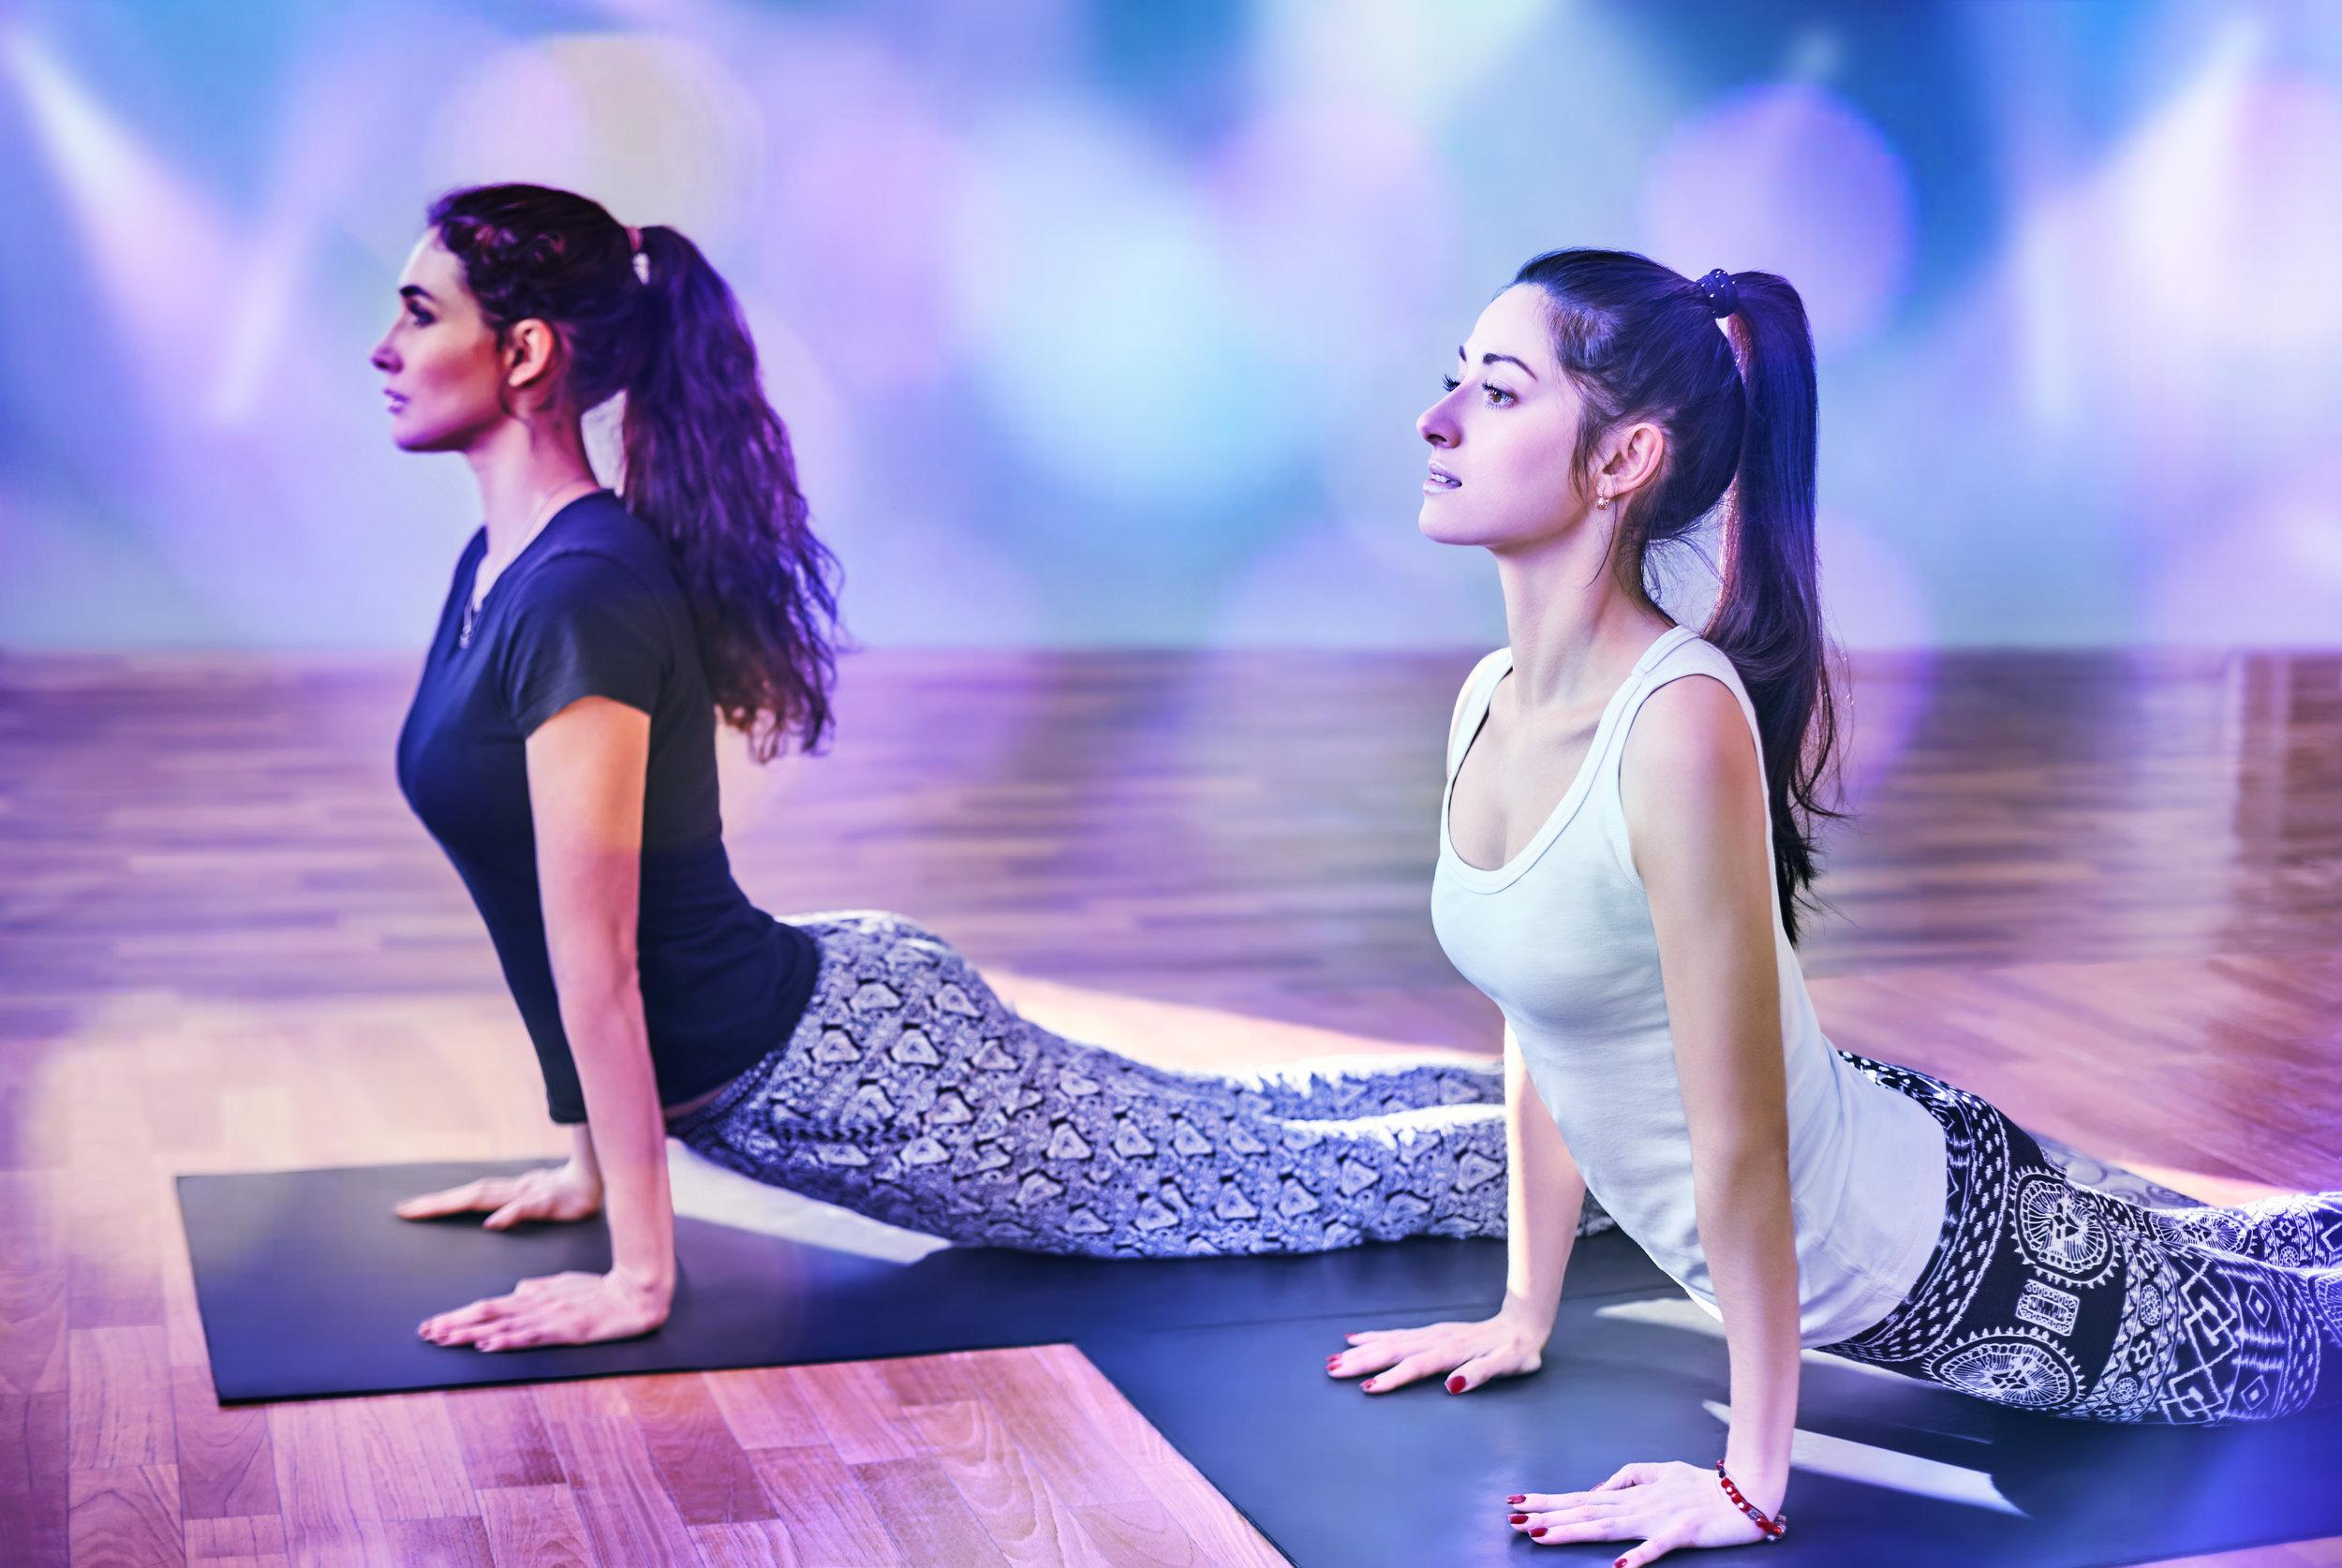 yoga-two-girls-iStock-578101496.jpg